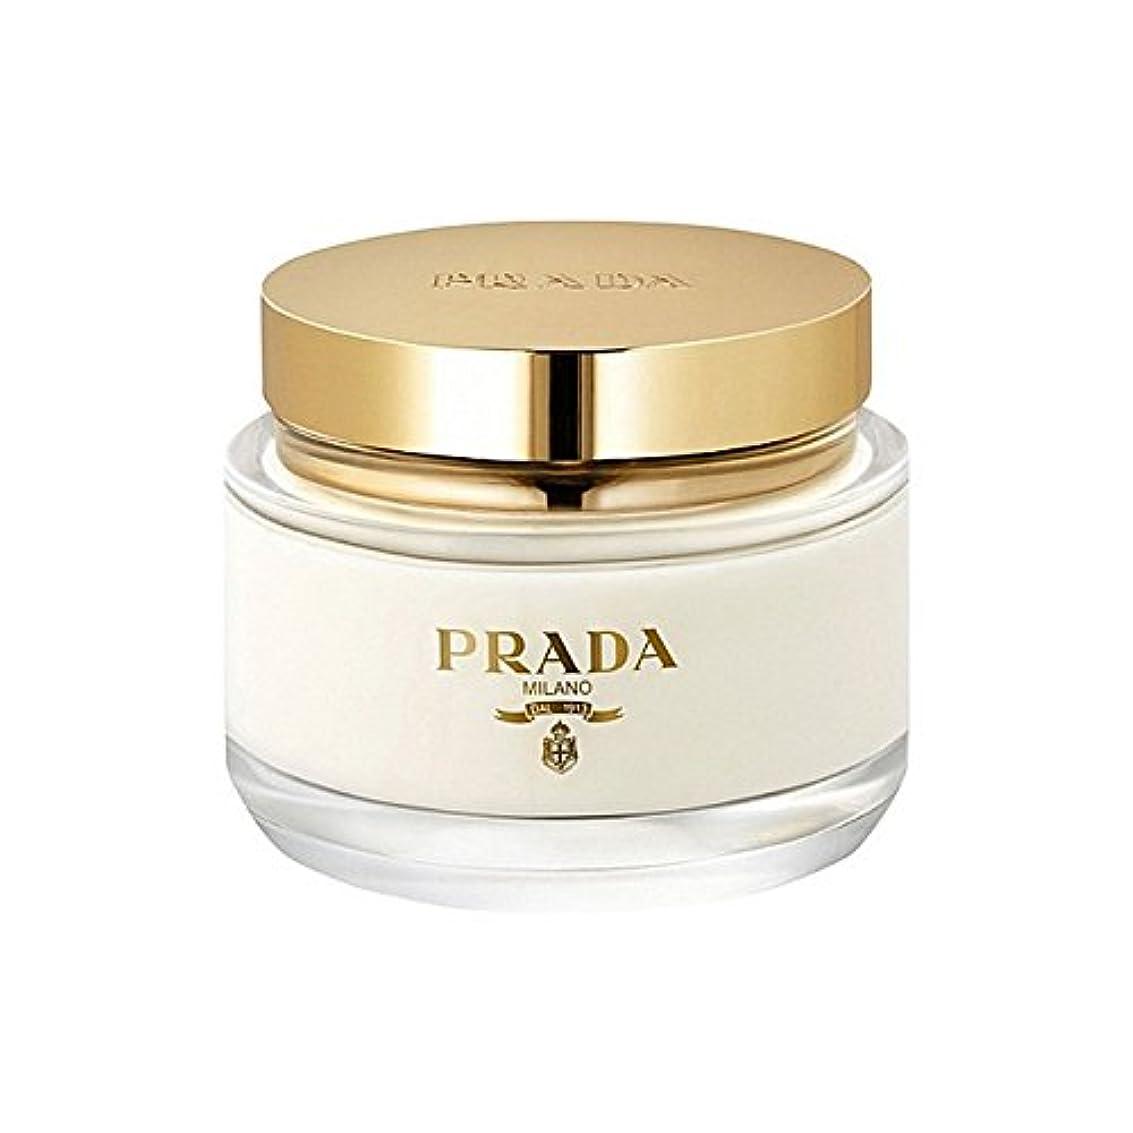 待つエンジニア動機付けるプラダラファムボディクリーム200ミリリットル x2 - Prada La Femme Body Cream 200ml (Pack of 2) [並行輸入品]